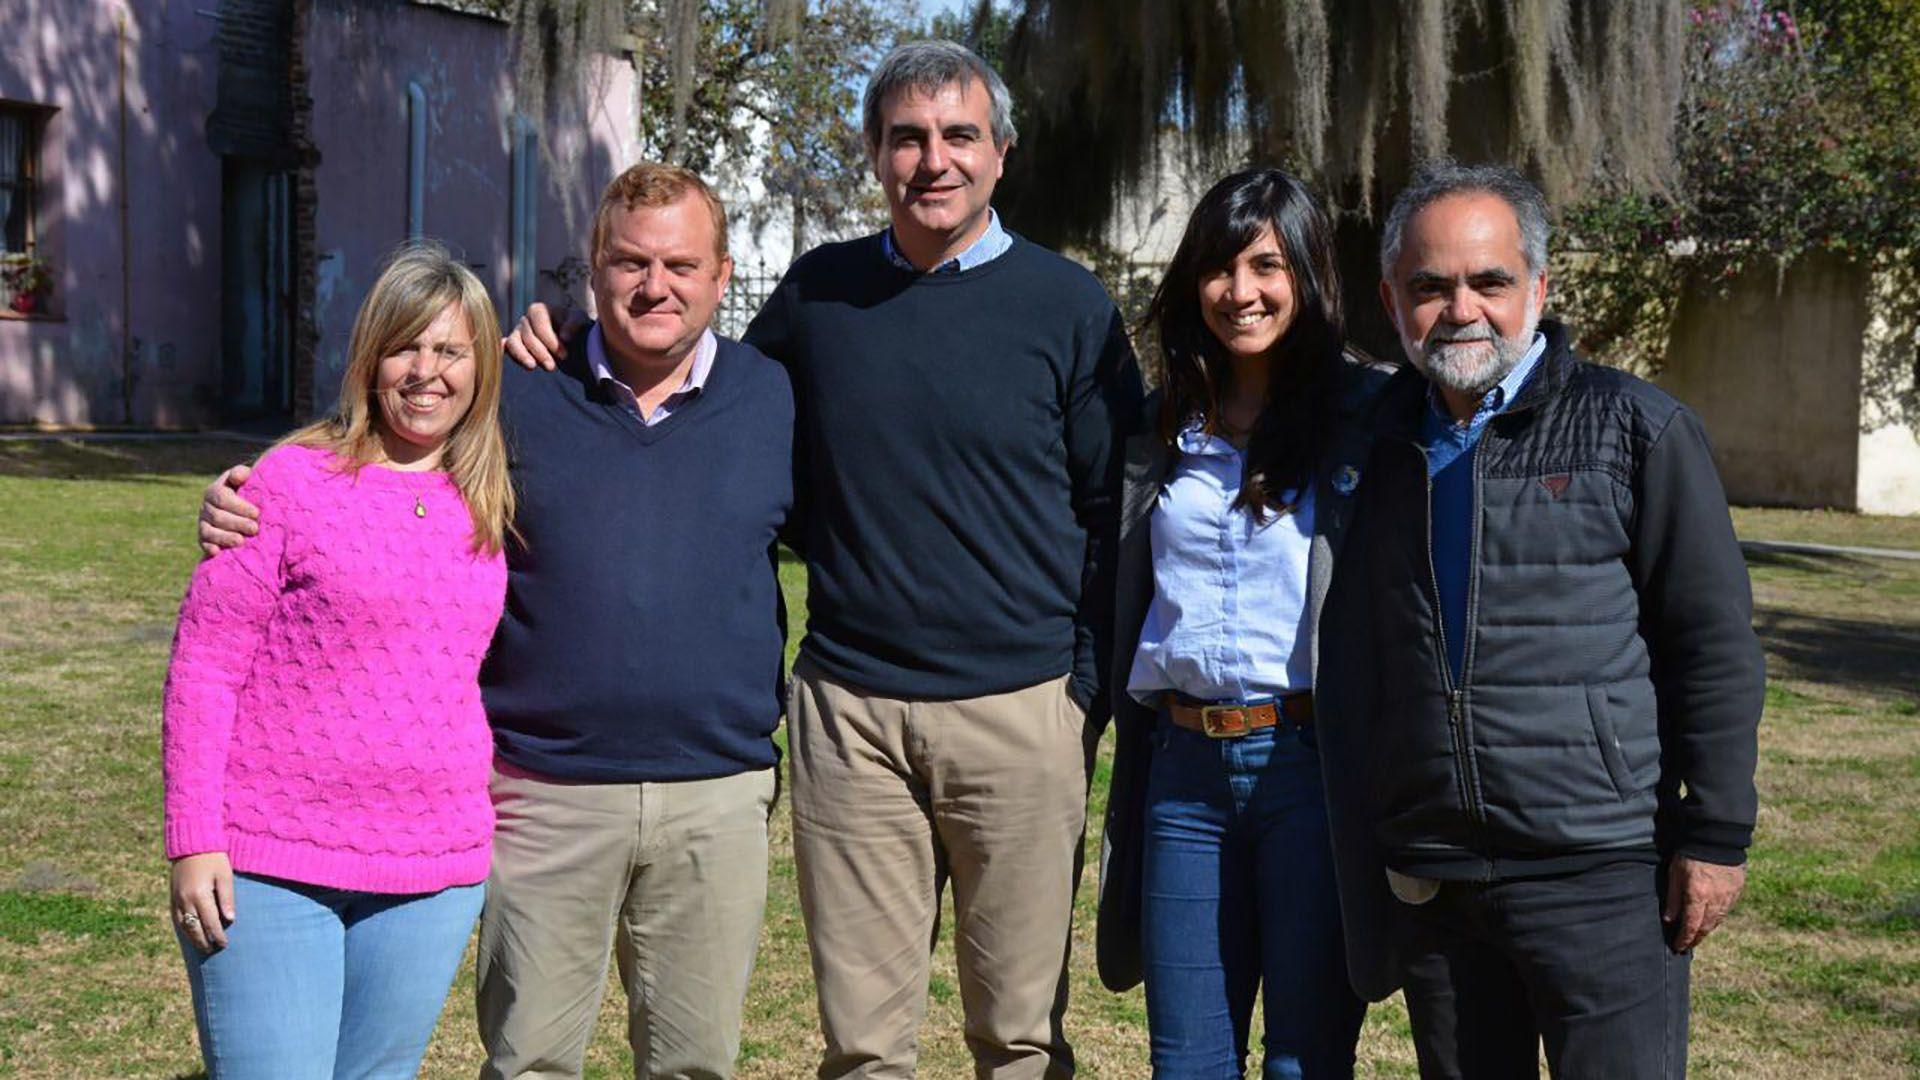 En el centro Francisco Durañona, junto a Nicolás Marinkovic y Mariano Pinedo